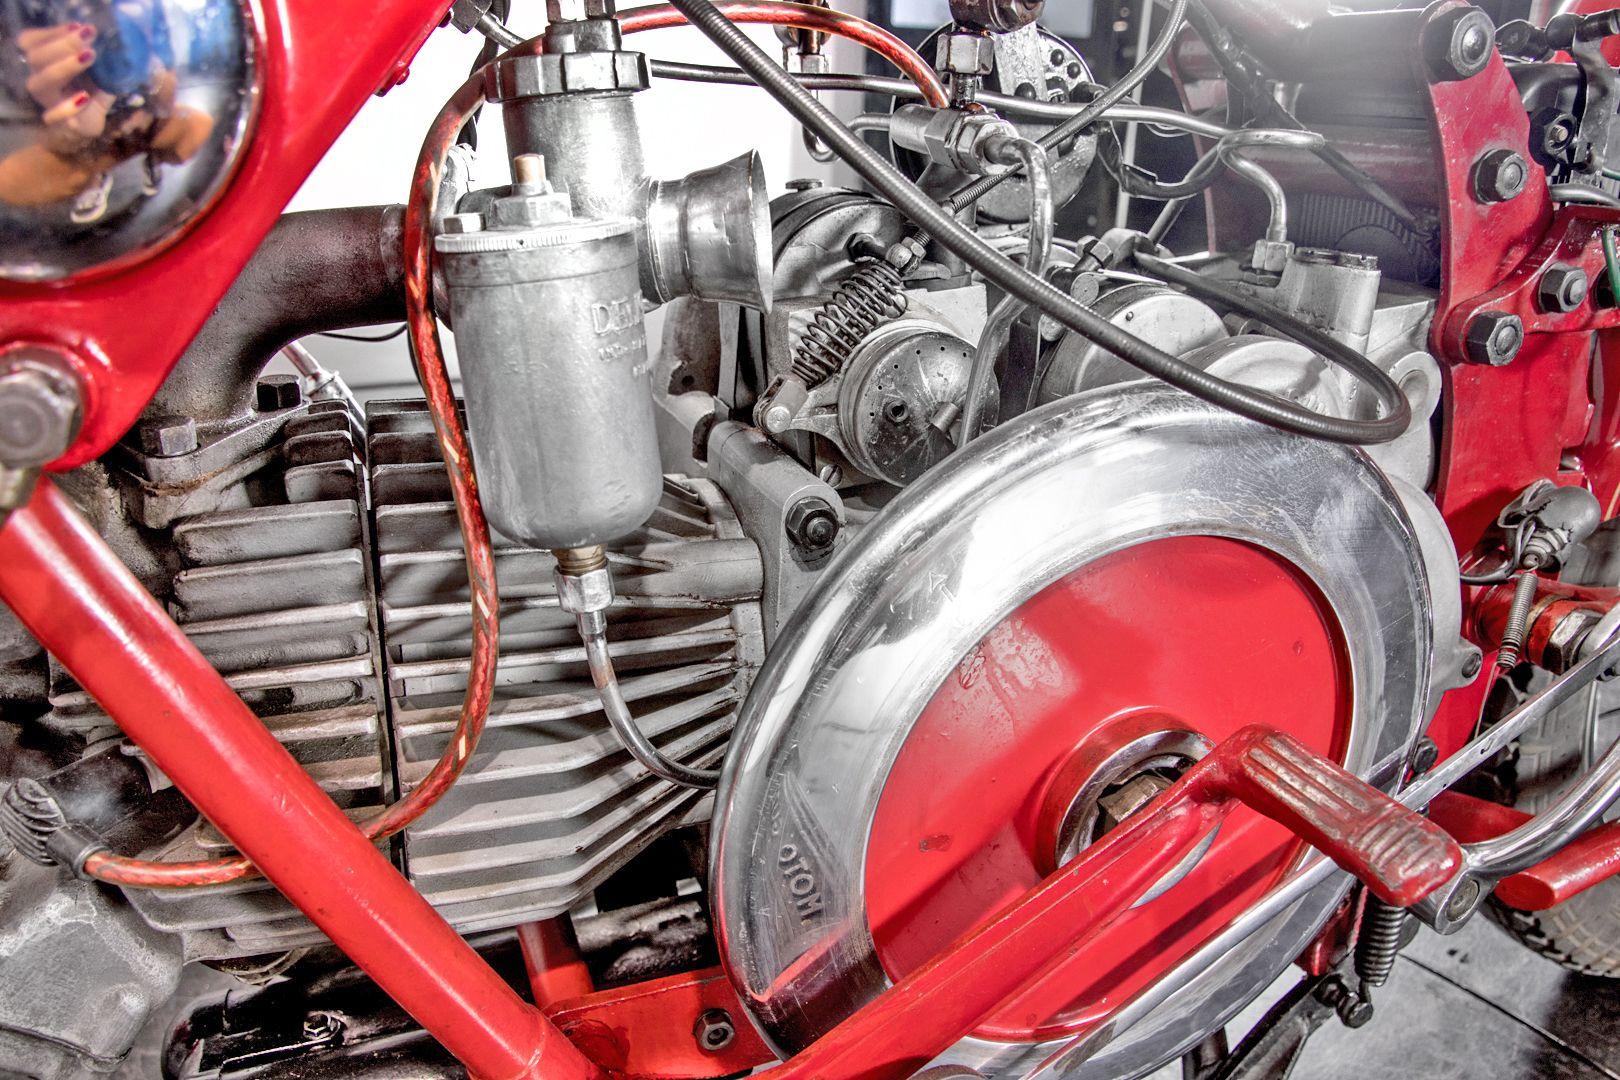 1960 Moto Guzzi GTV 500 74699